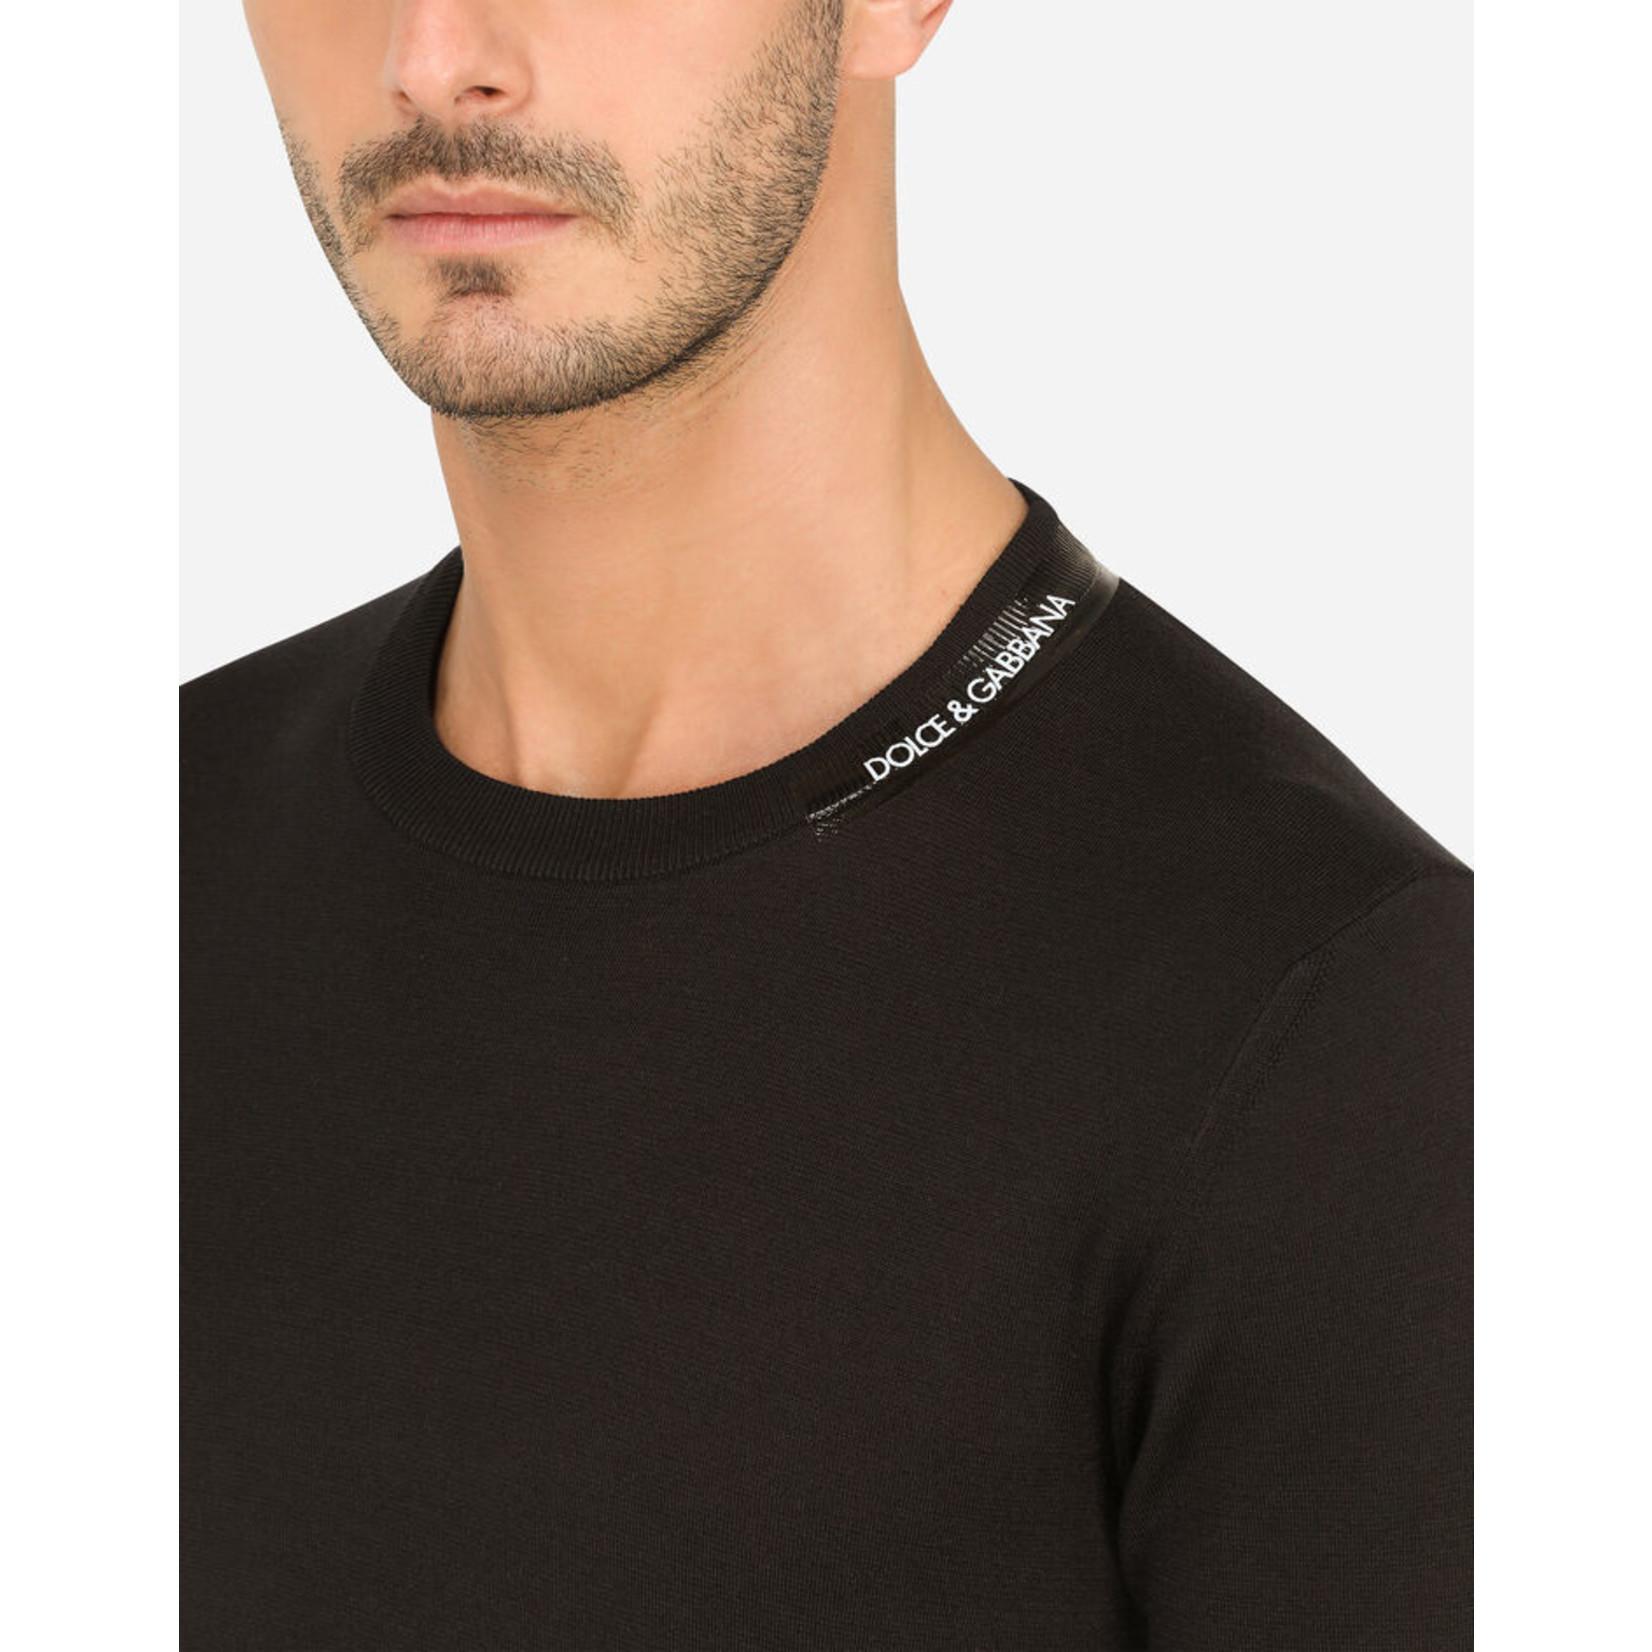 Dolce&Gabbana Pull 42198